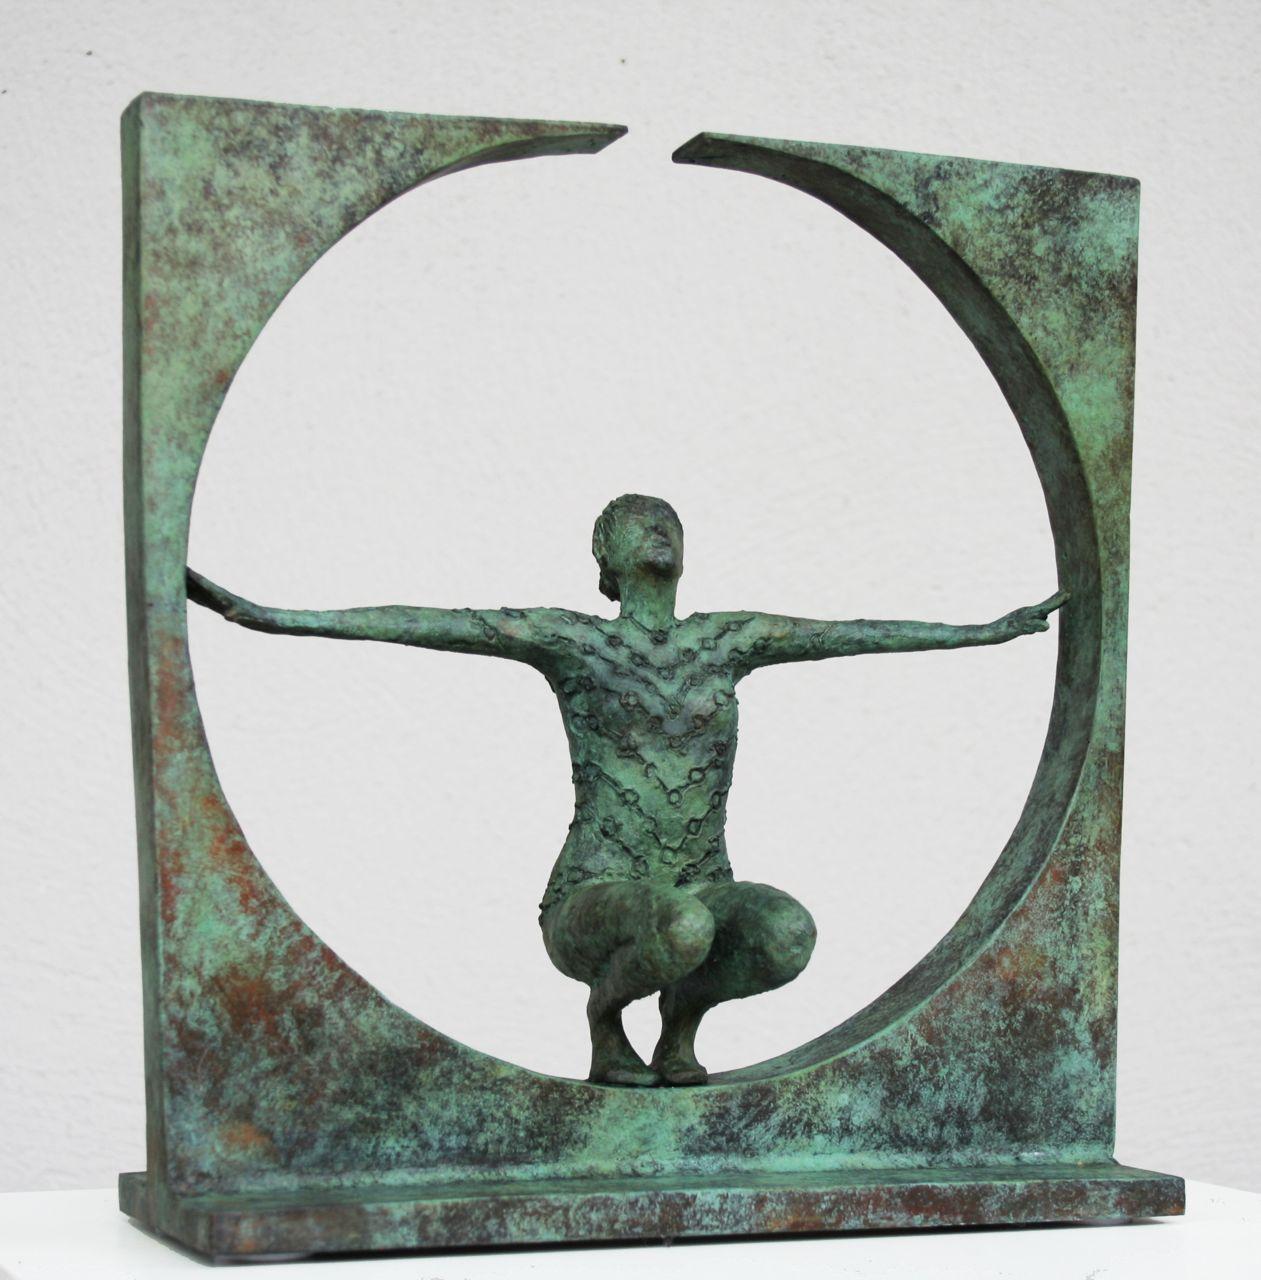 Rowan Gillespie - Solstice study, bronze, ed of 9, 31 x 30 x 11.5 cm